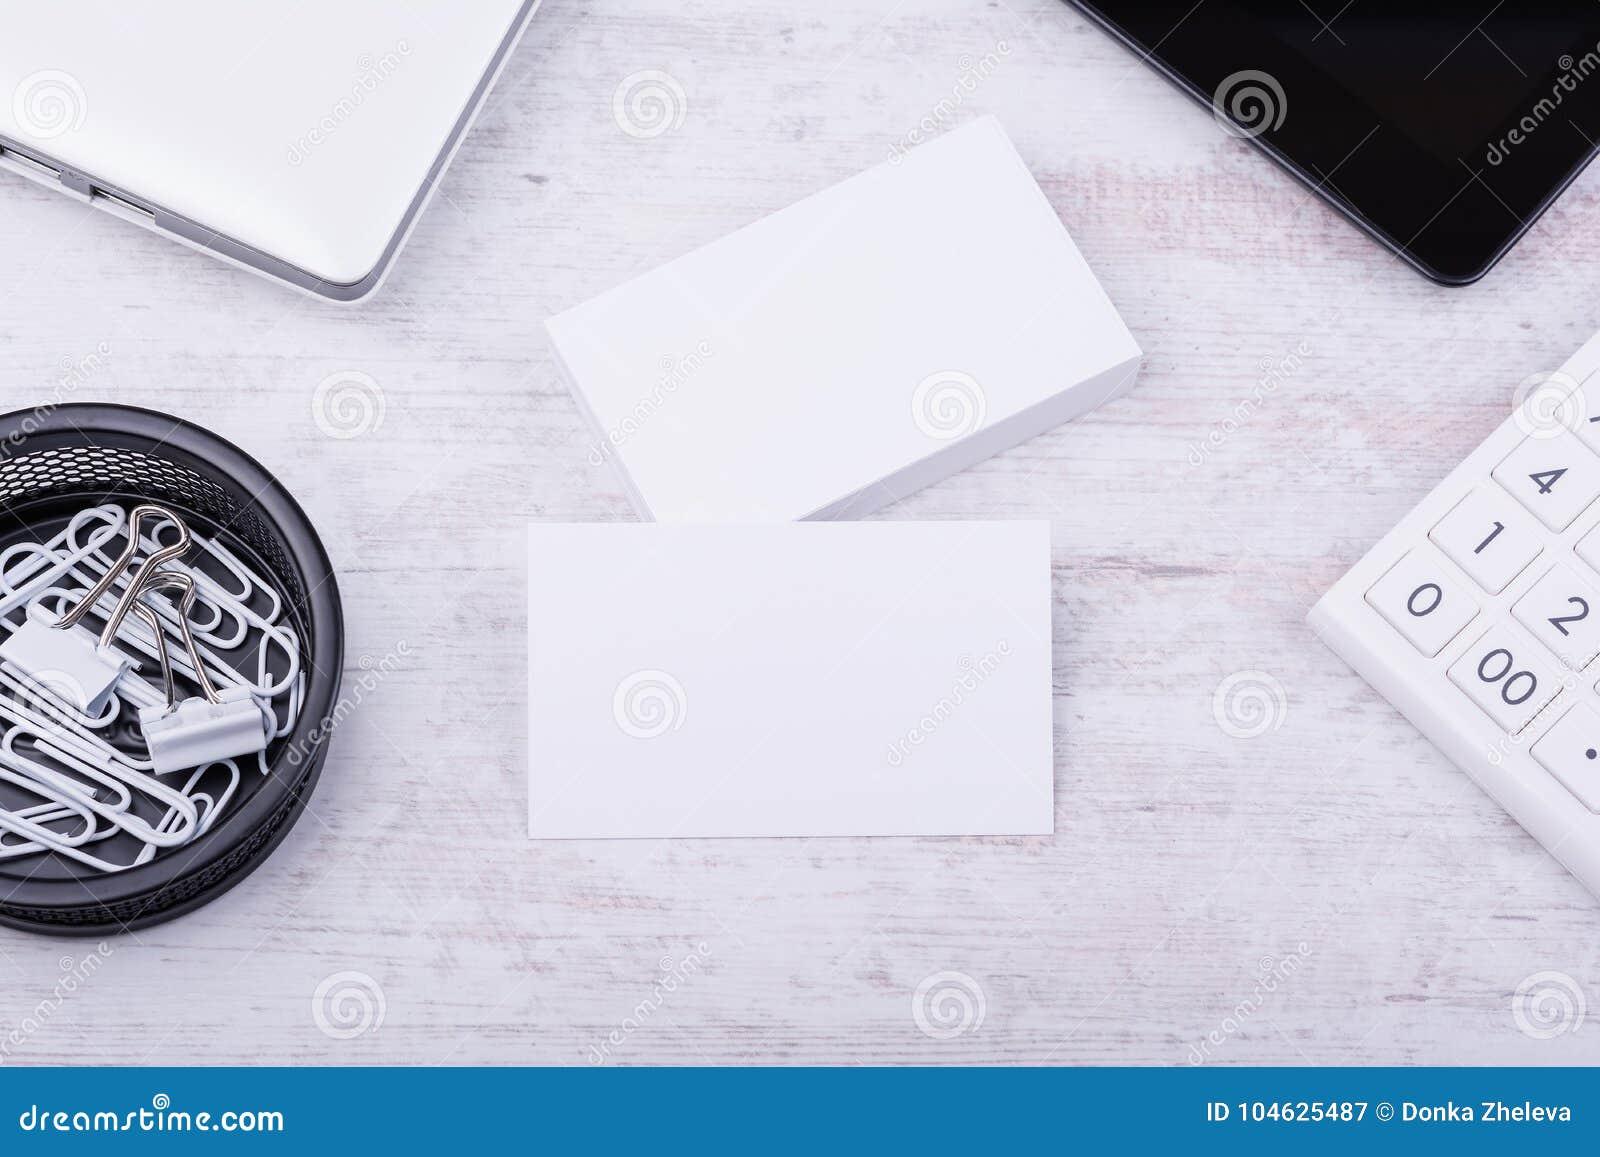 Download Leeg Adreskaartjesmodel Op Witte Houten Achtergrond Stock Afbeelding - Afbeelding bestaande uit vlak, briefhoofd: 104625487